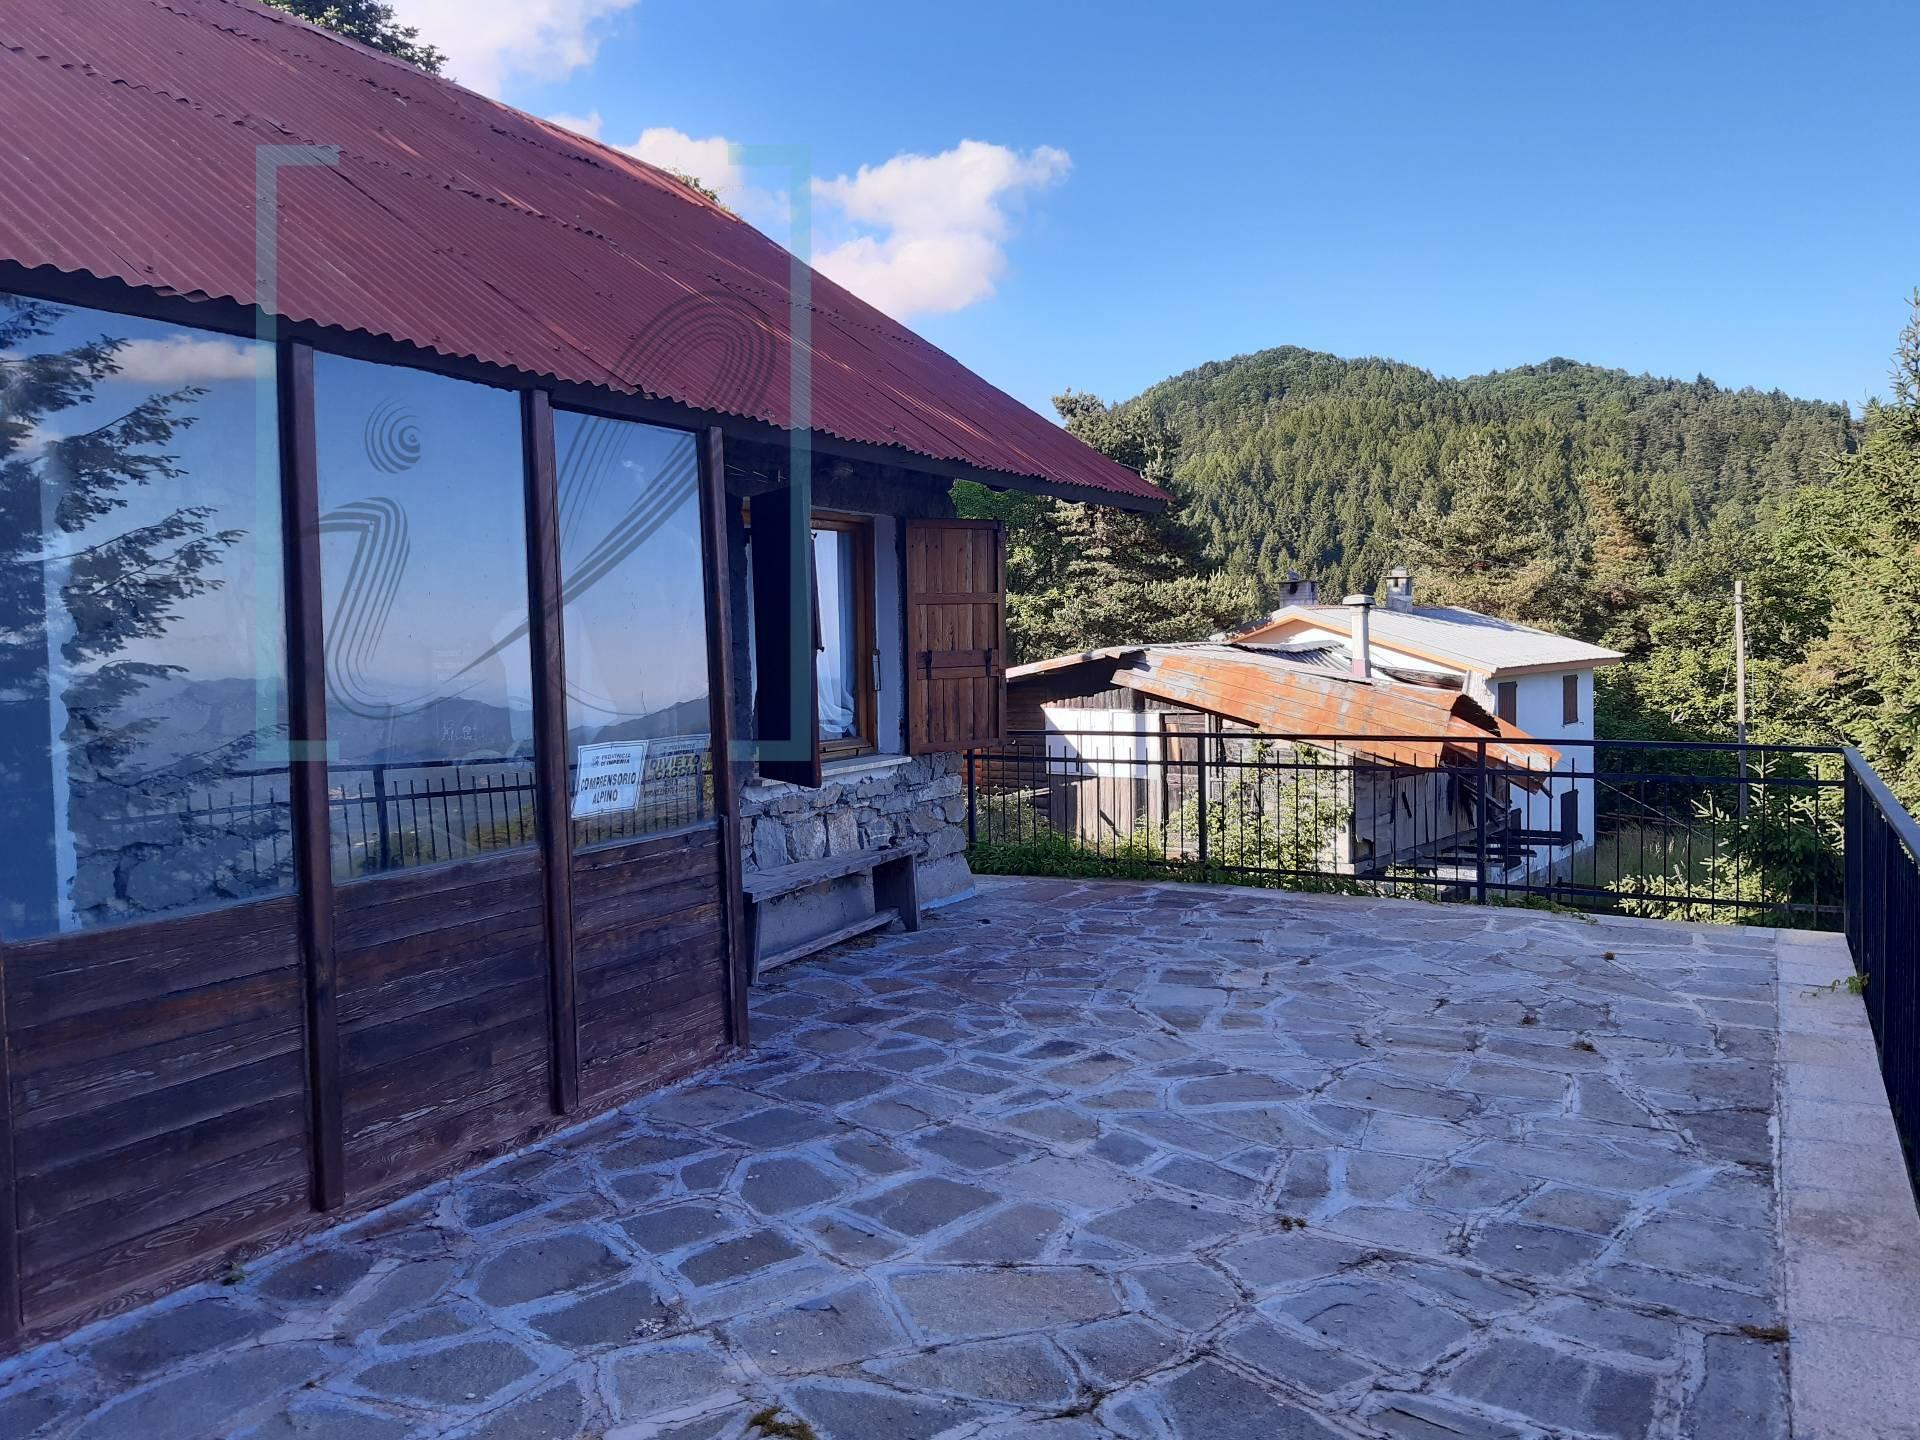 Soluzione Indipendente in vendita a Mendatica, 5 locali, zona Località: SanBernardodiMendatica, prezzo € 85.000   CambioCasa.it